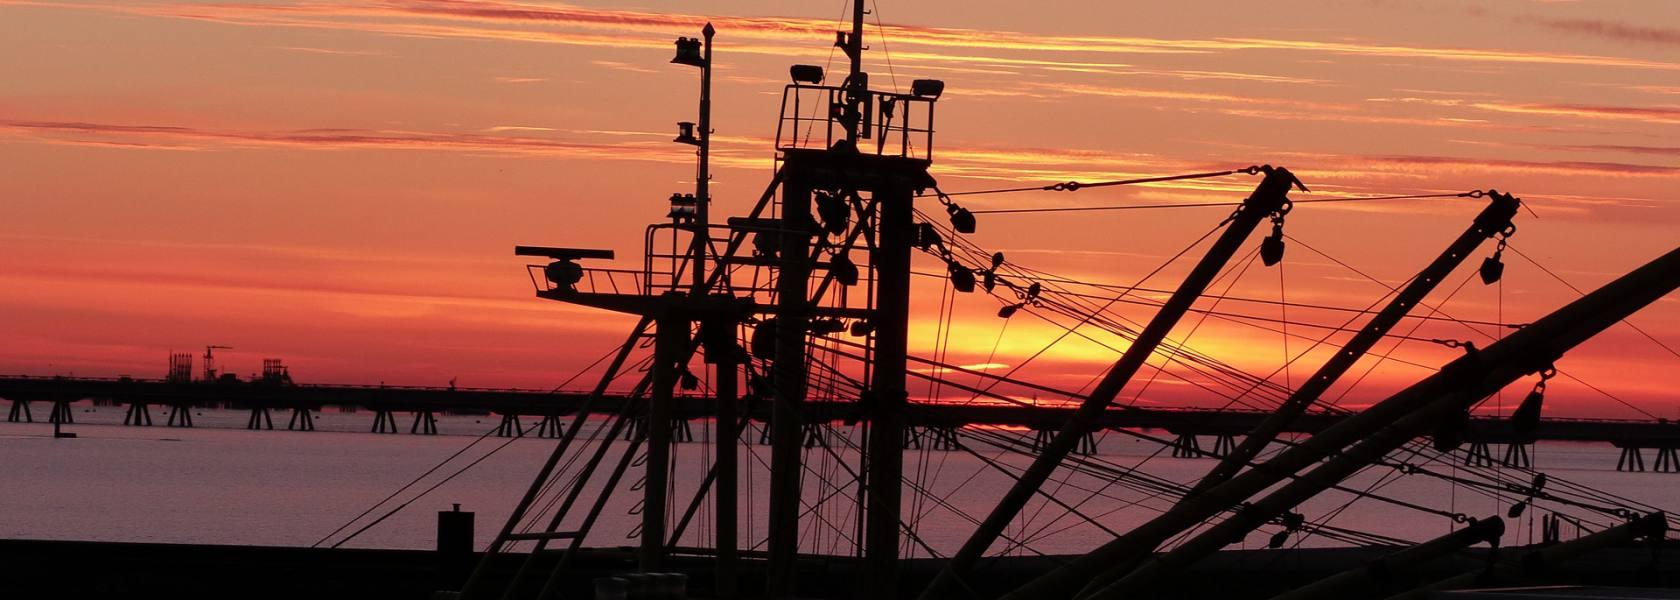 Schiff im Sonnenuntergang, © Die Nordsee GmbH, Birte Kreitz